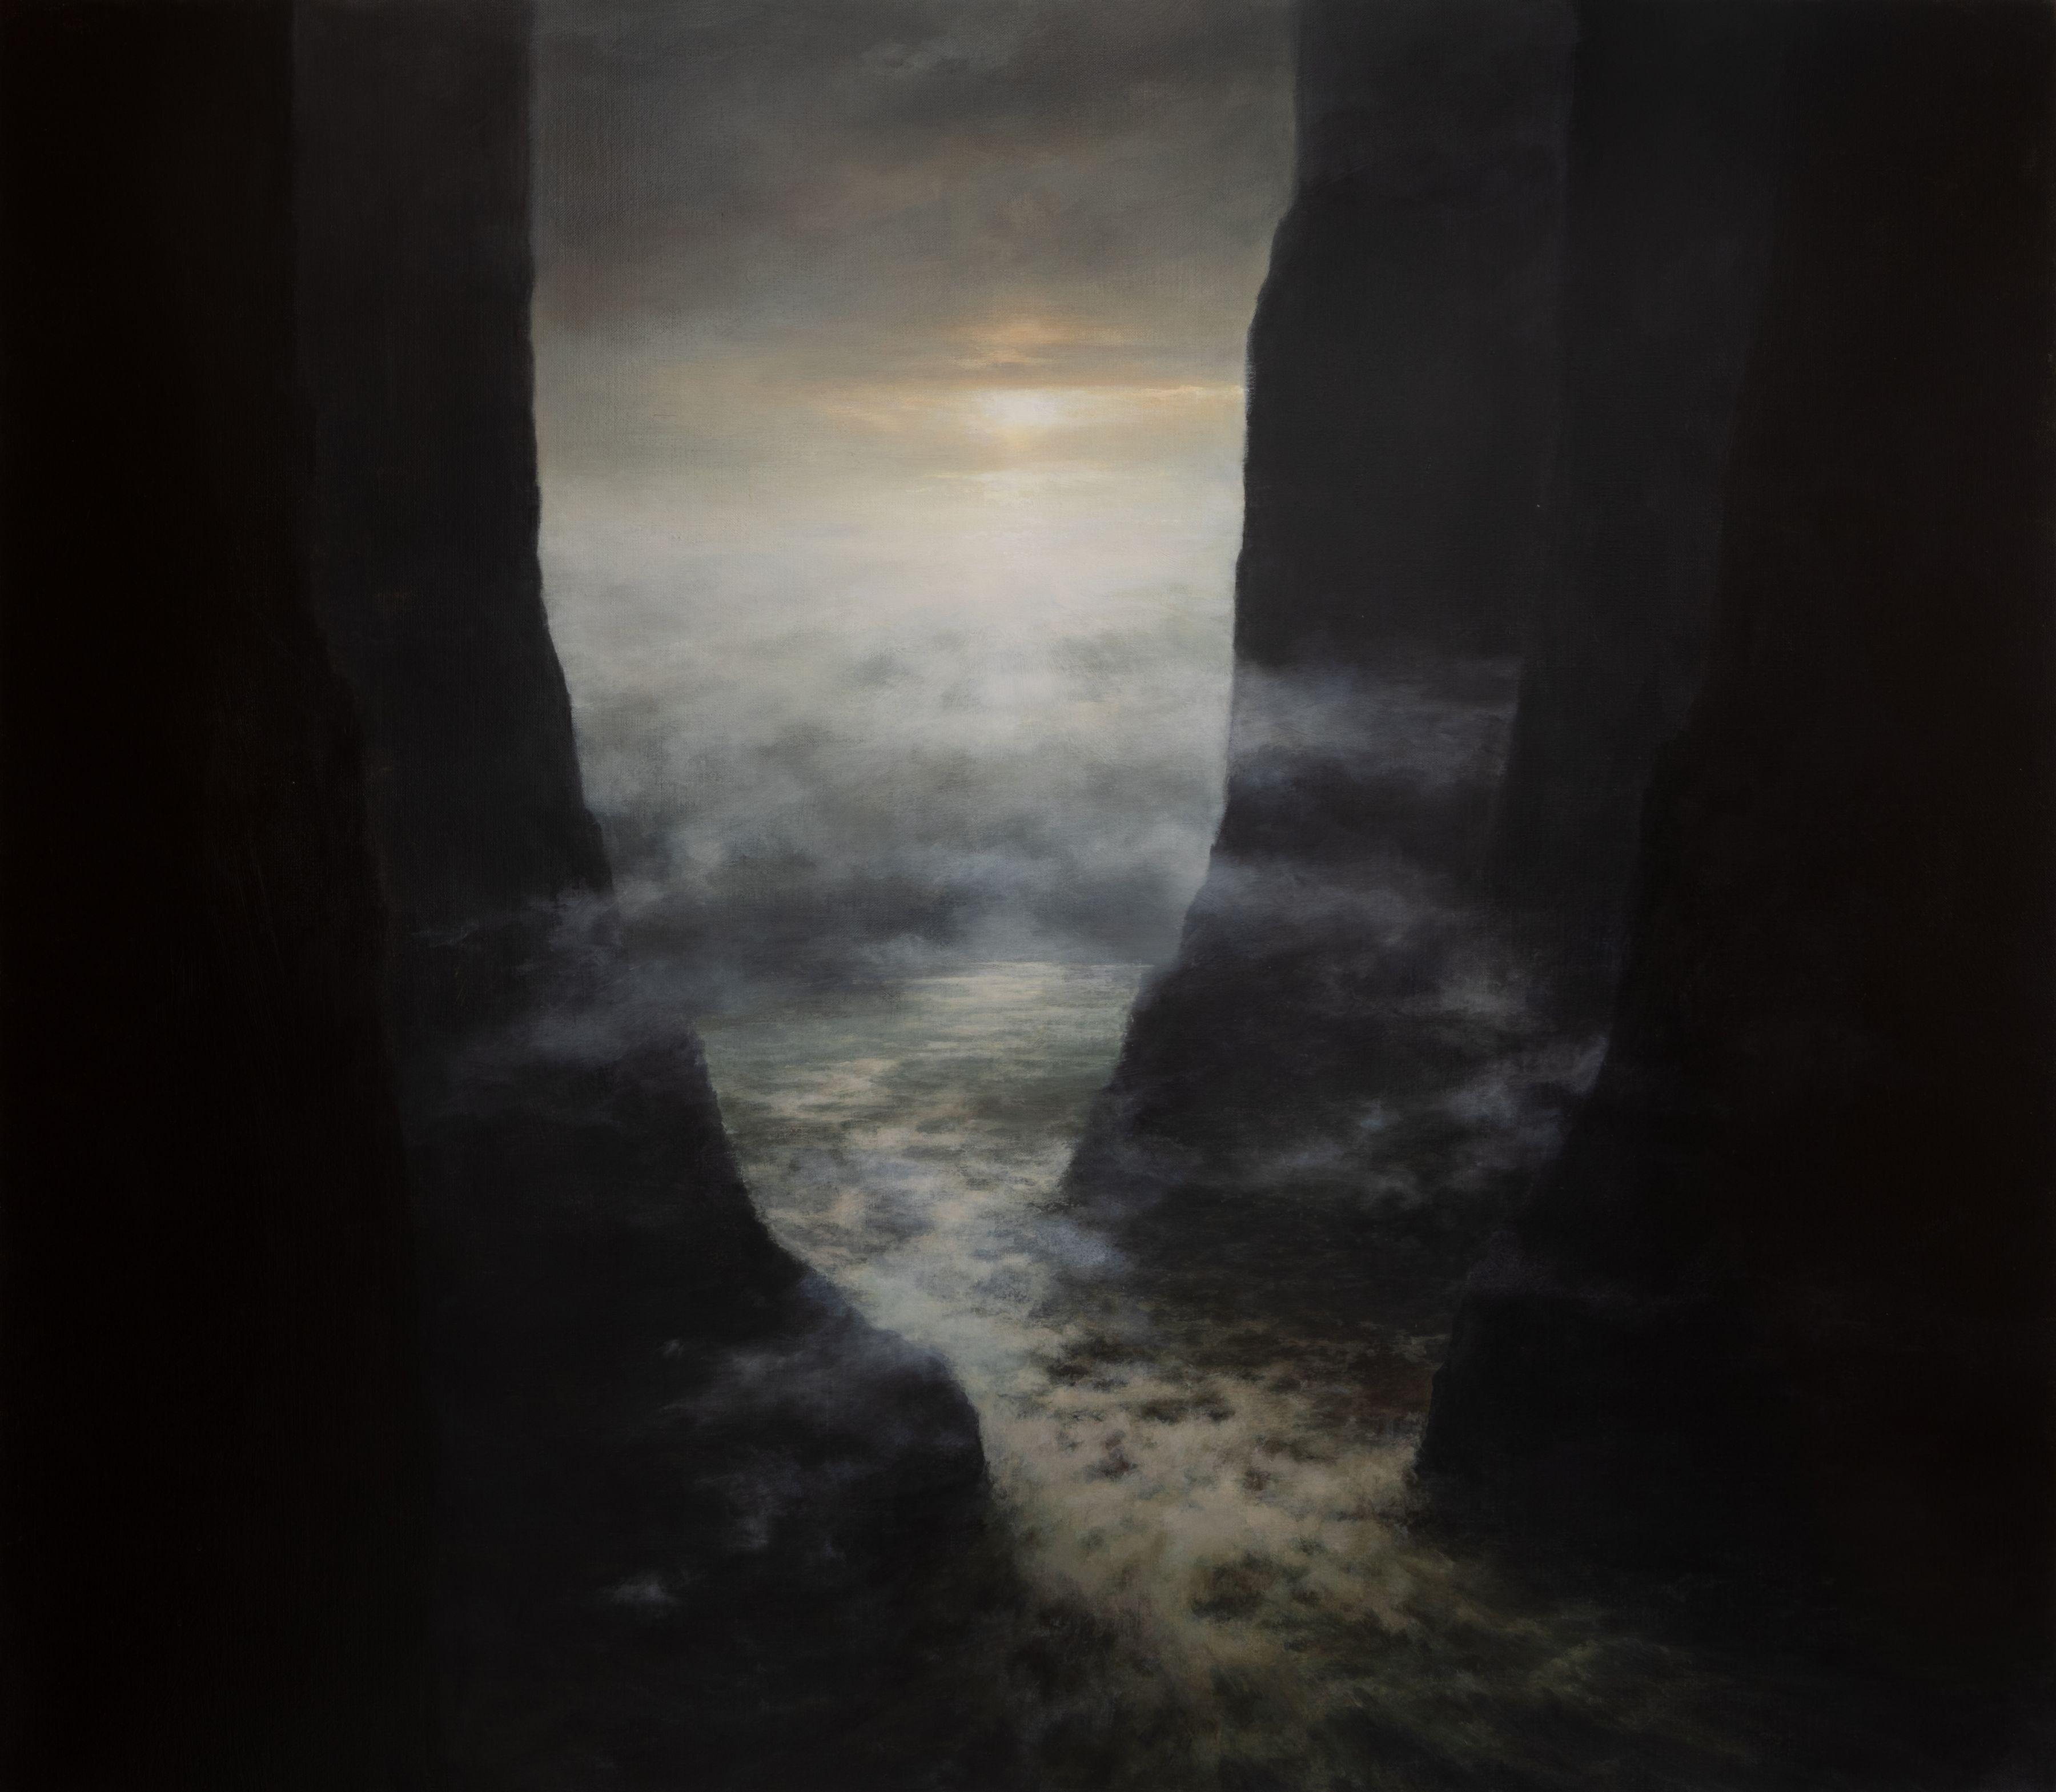 seascape cliffs rapids